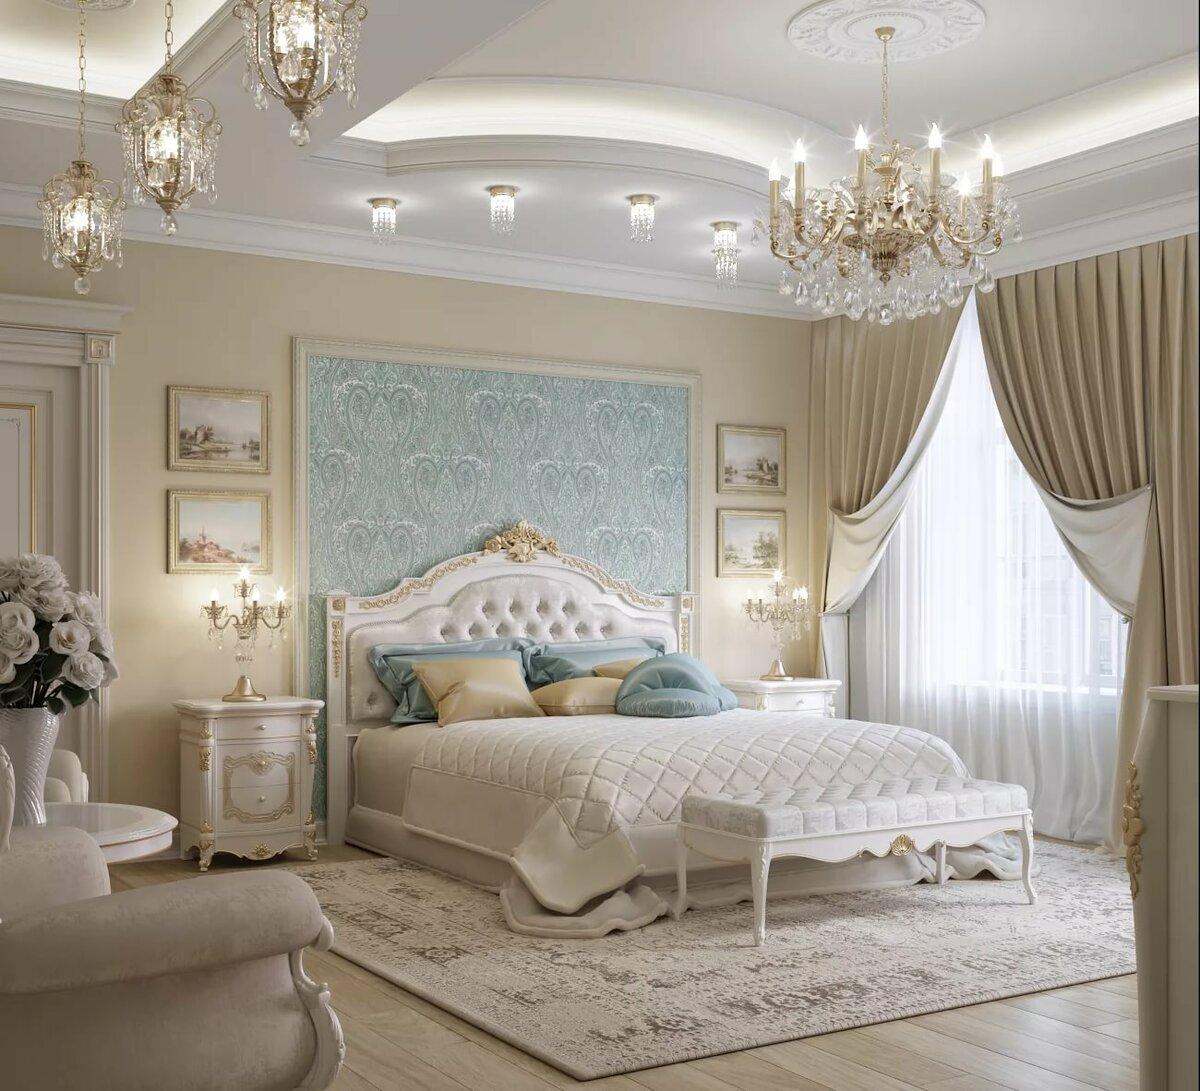 всех картинки спальни в классическом стиле этого эффекта